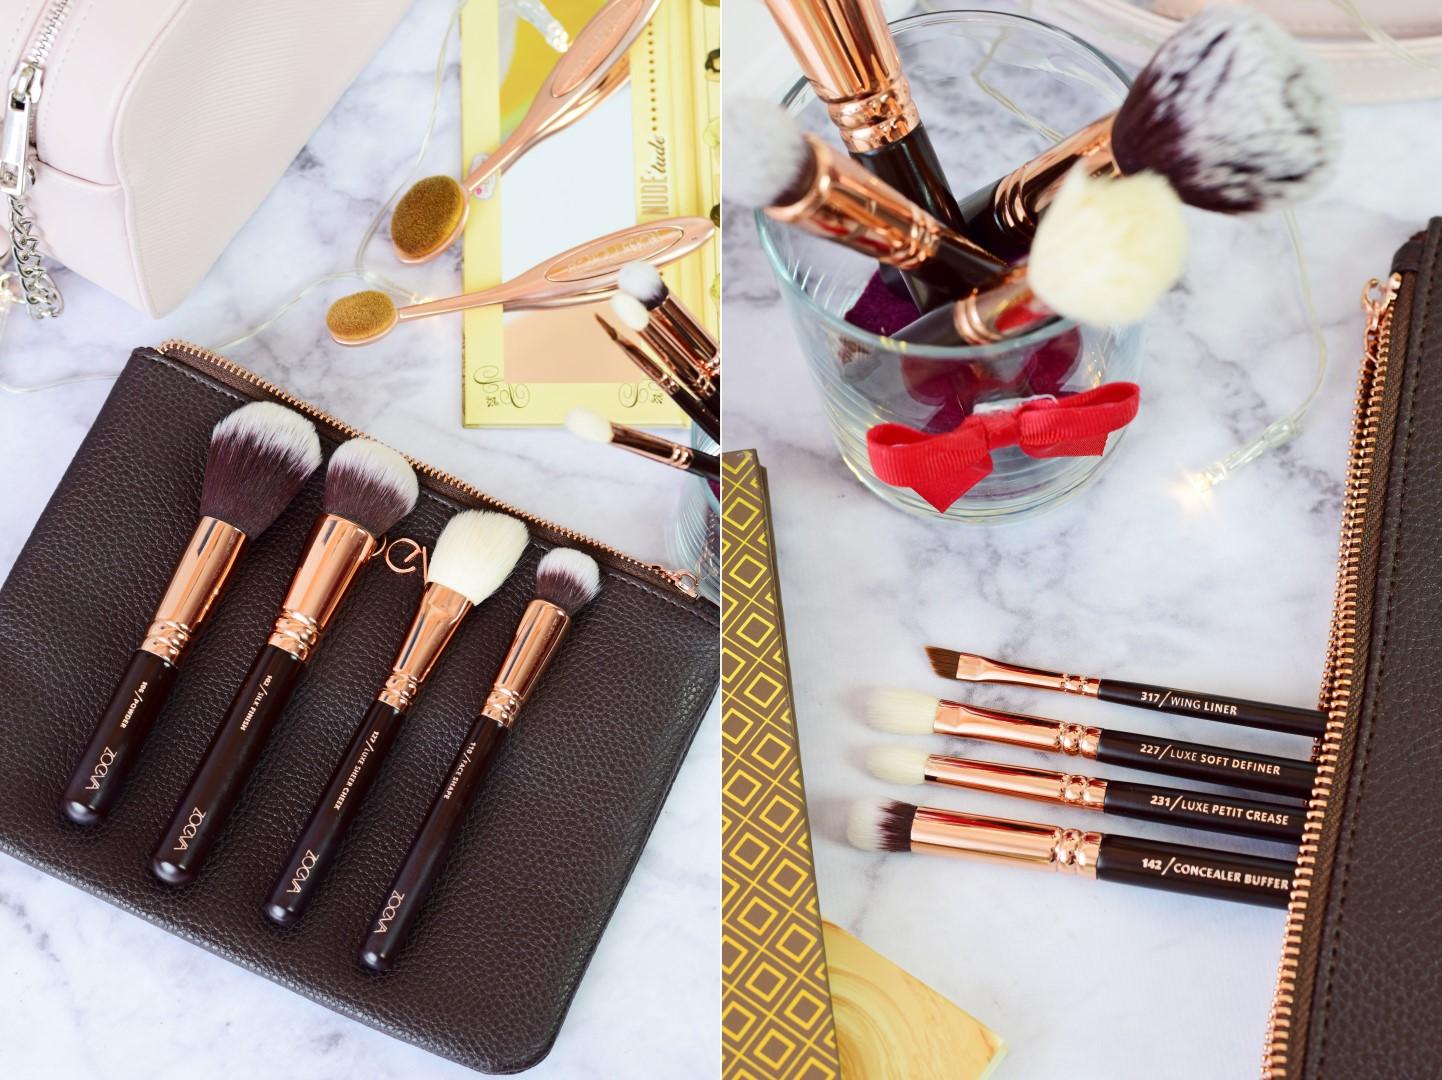 zoeva_pędzle_zestaw_rose_golden_luxury_set_blog_opinia_zdjęcia_recenzja_cena_czy_warto_kupić